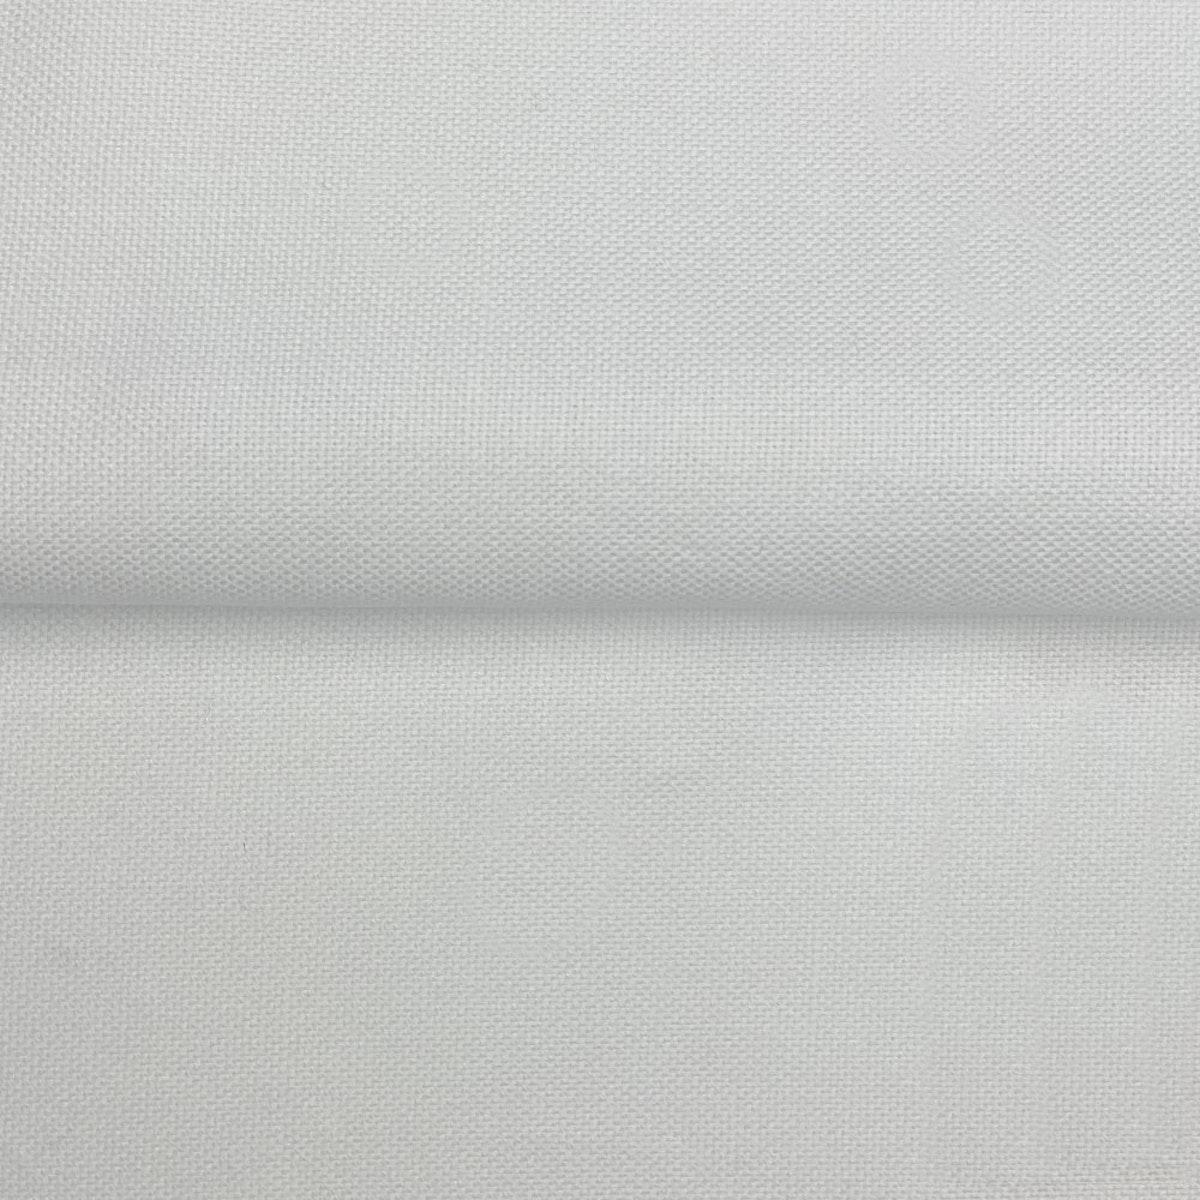 InStitchu Shirt Fabric 35